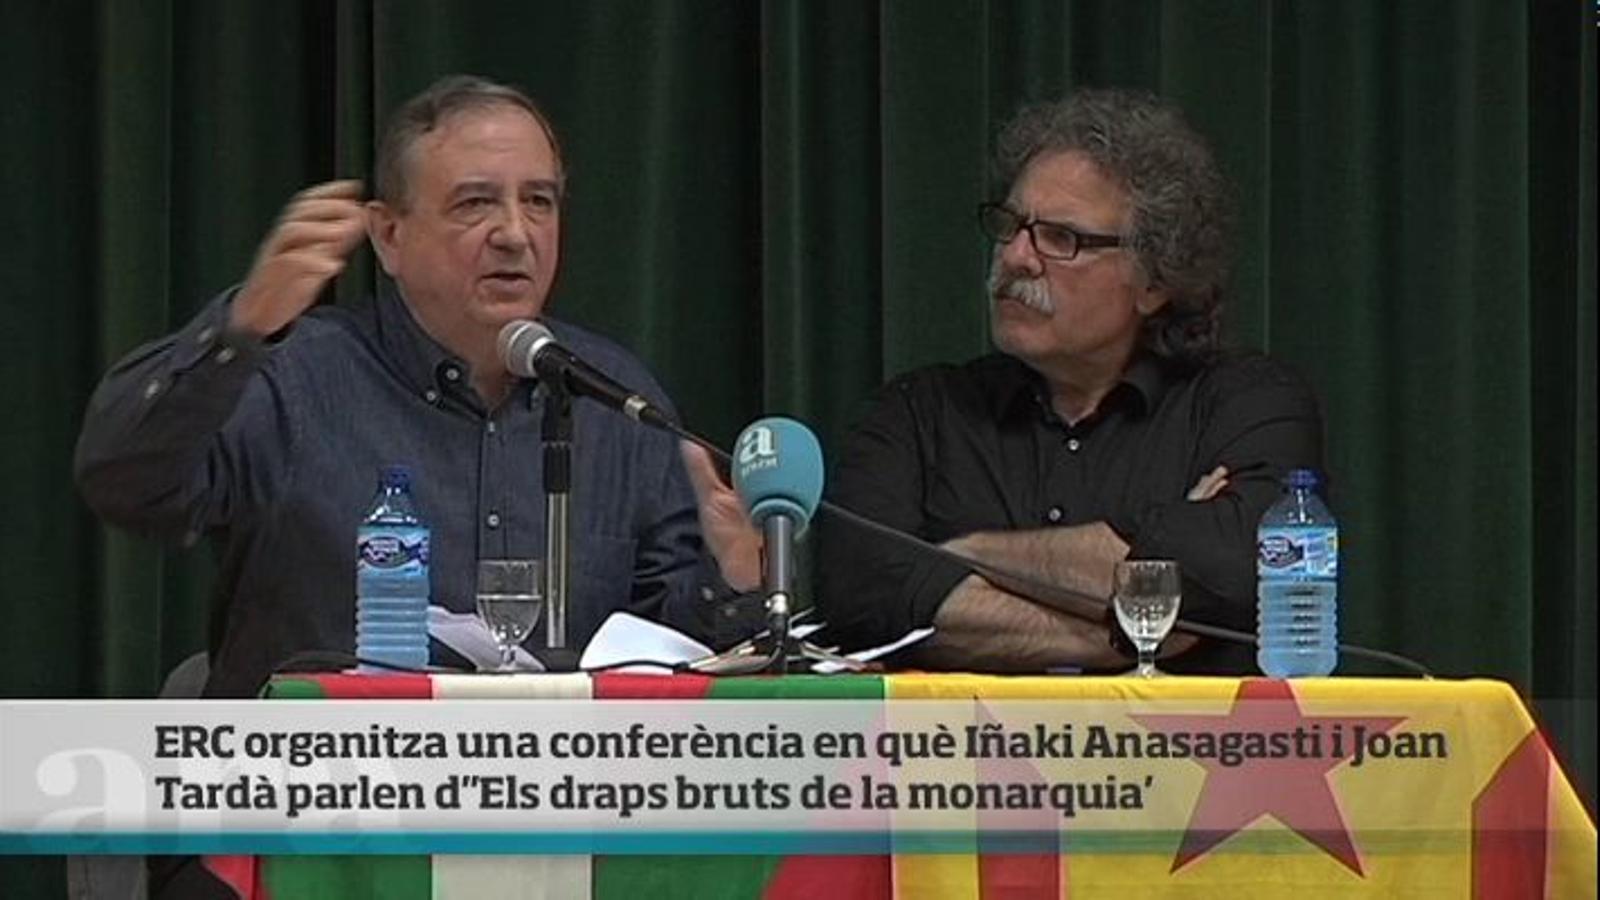 Anasagasti: El rei em va dir un dia: 'S'ha de ser burro com jo per anar al Brasil amb la reina'